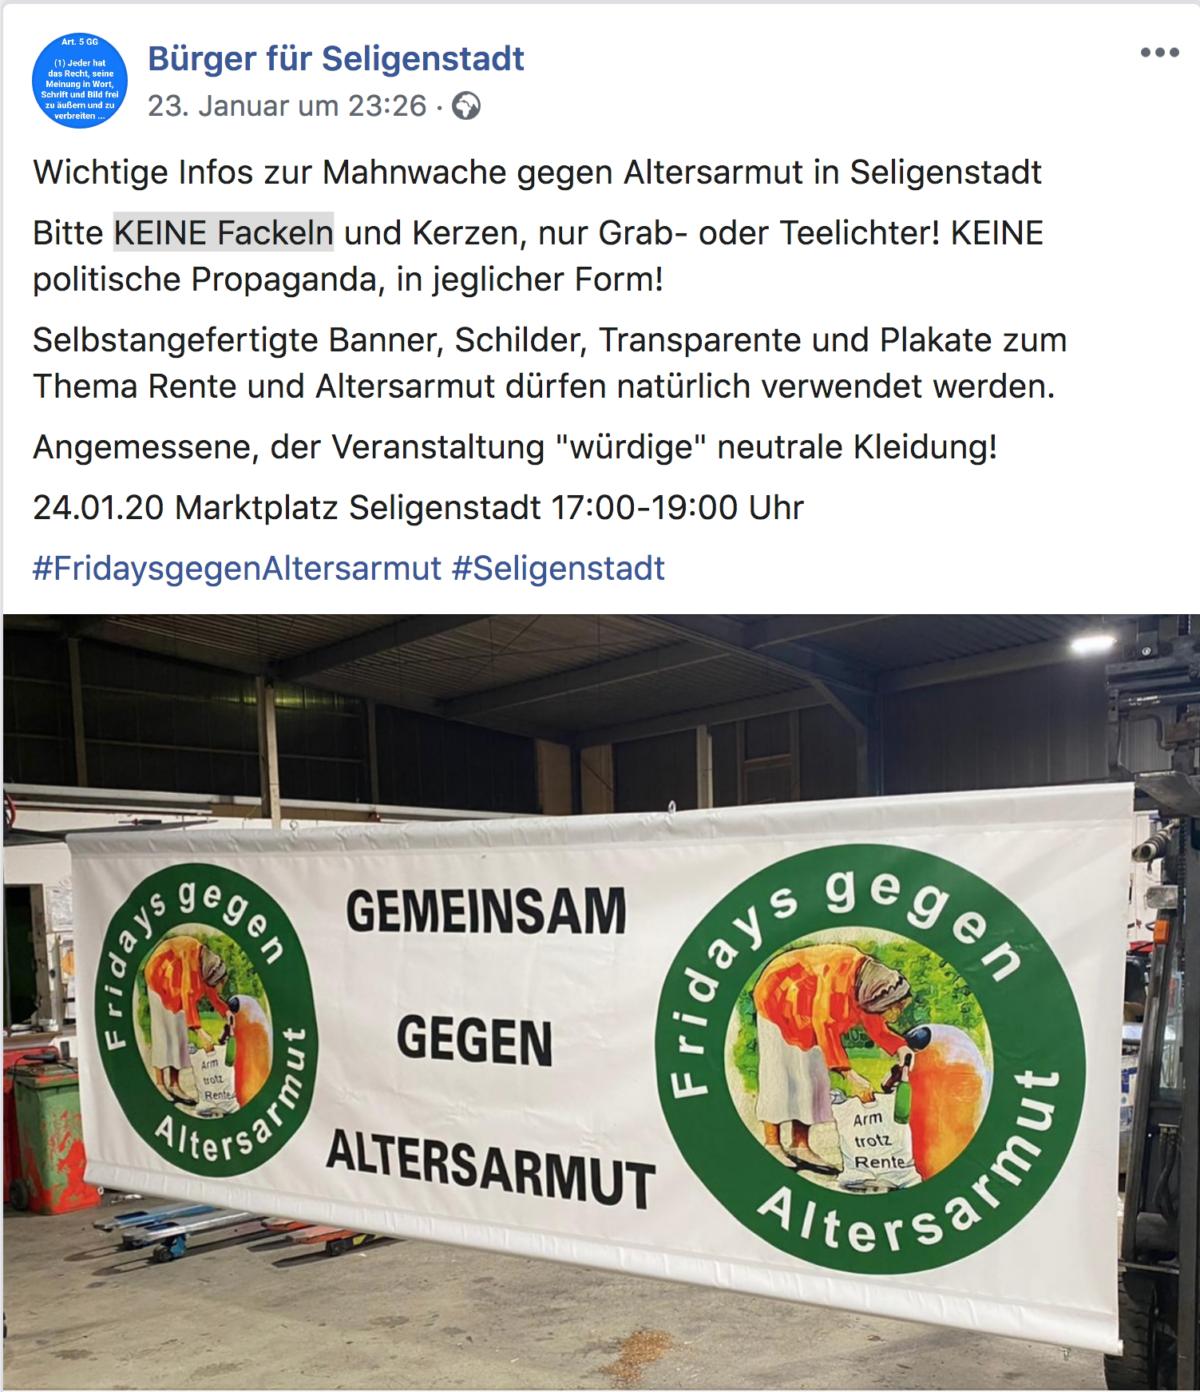 Bürger für Seligenstadt,BfS pic_20975